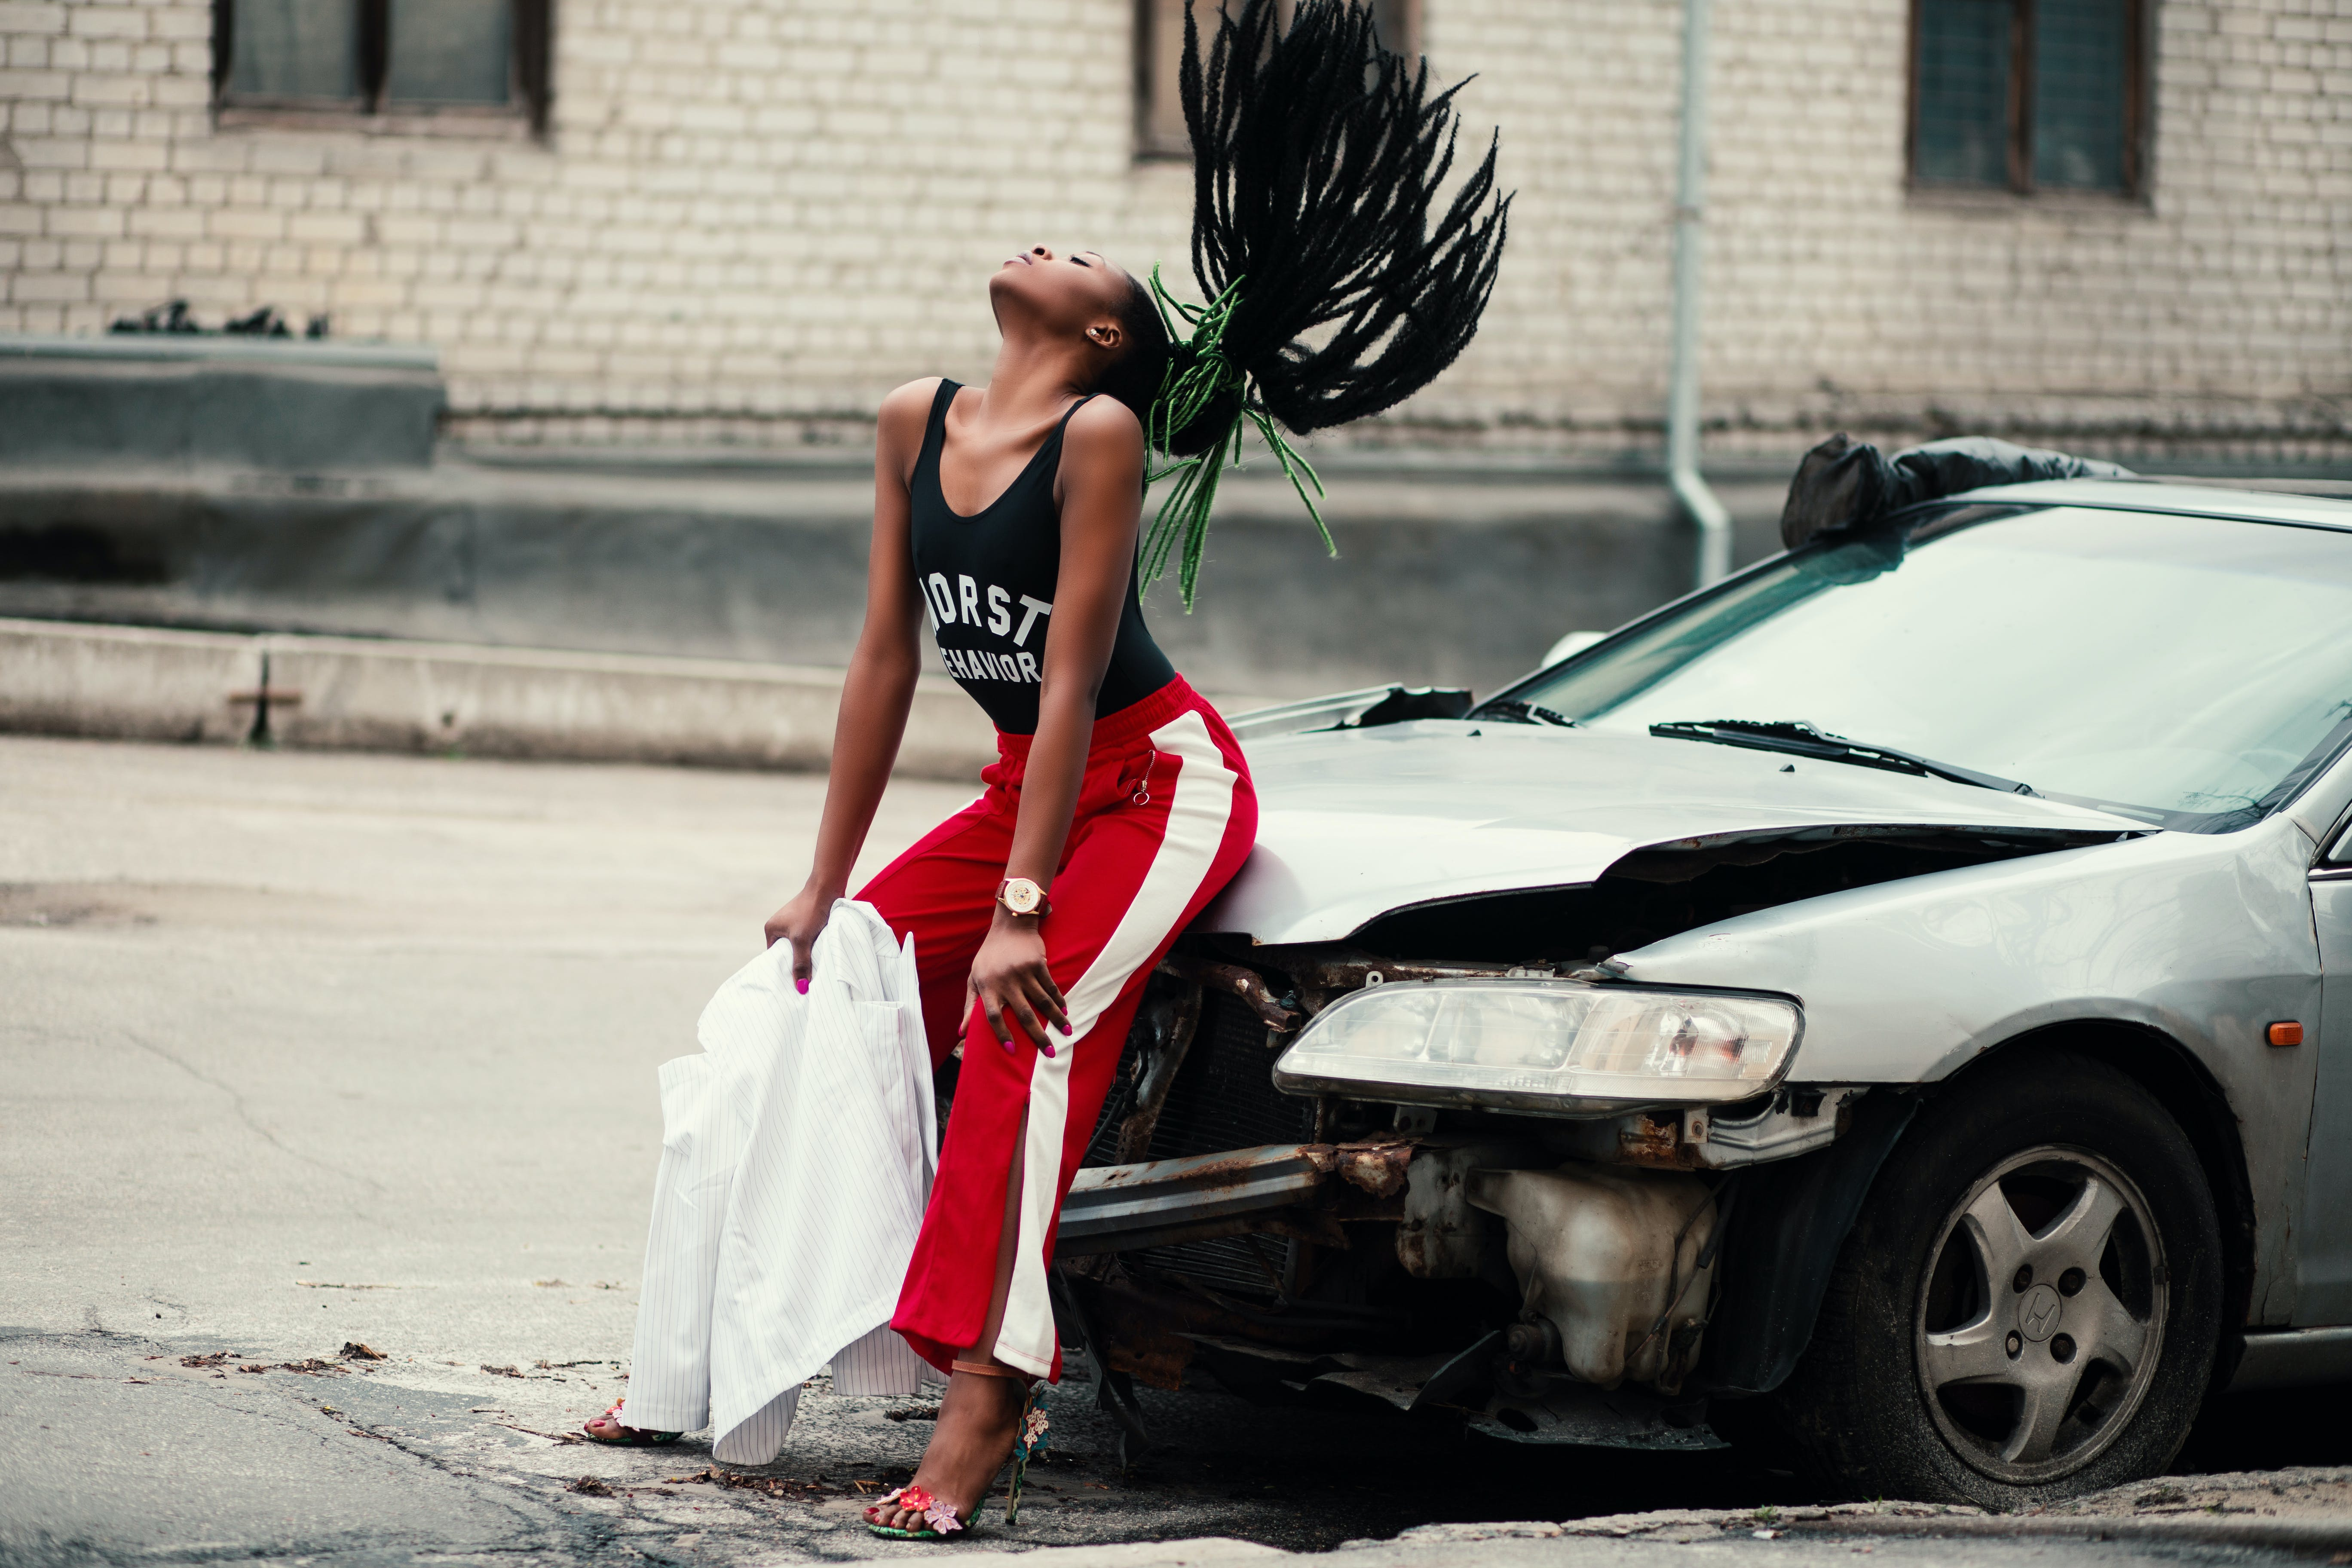 Kostnadsfri bild av afrikansk amerikan kvinna, ansiktsuttryck, bil, byxor